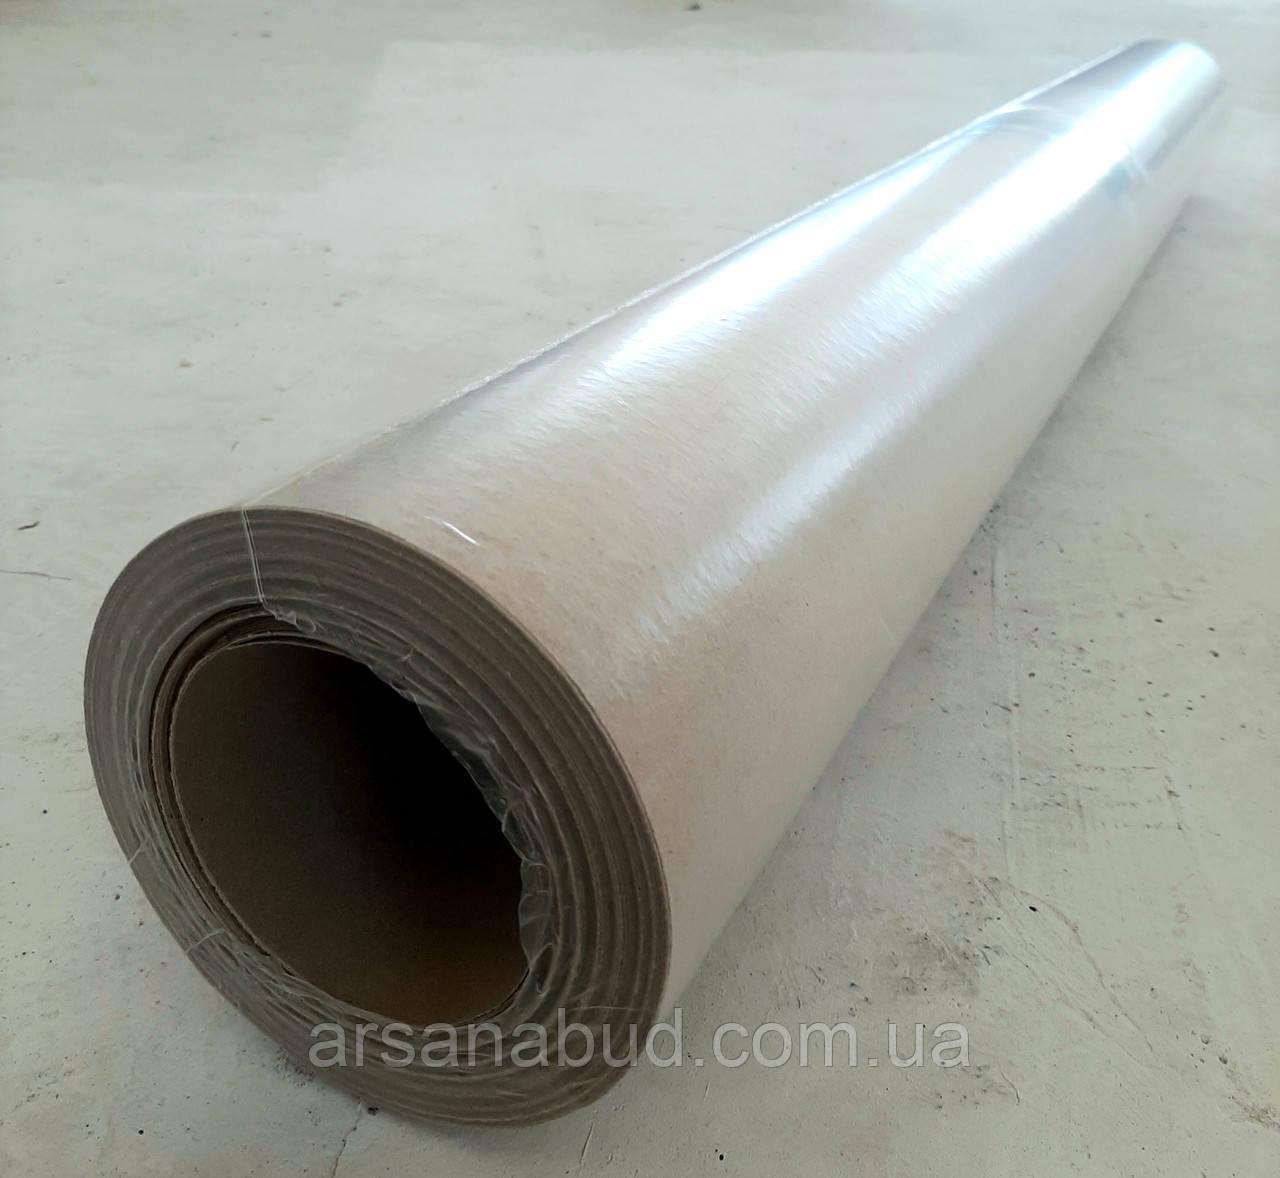 Картон малярський Armawall (ширина - 1000 мм, довжина - 20 м) 350 г\м2 зі складу